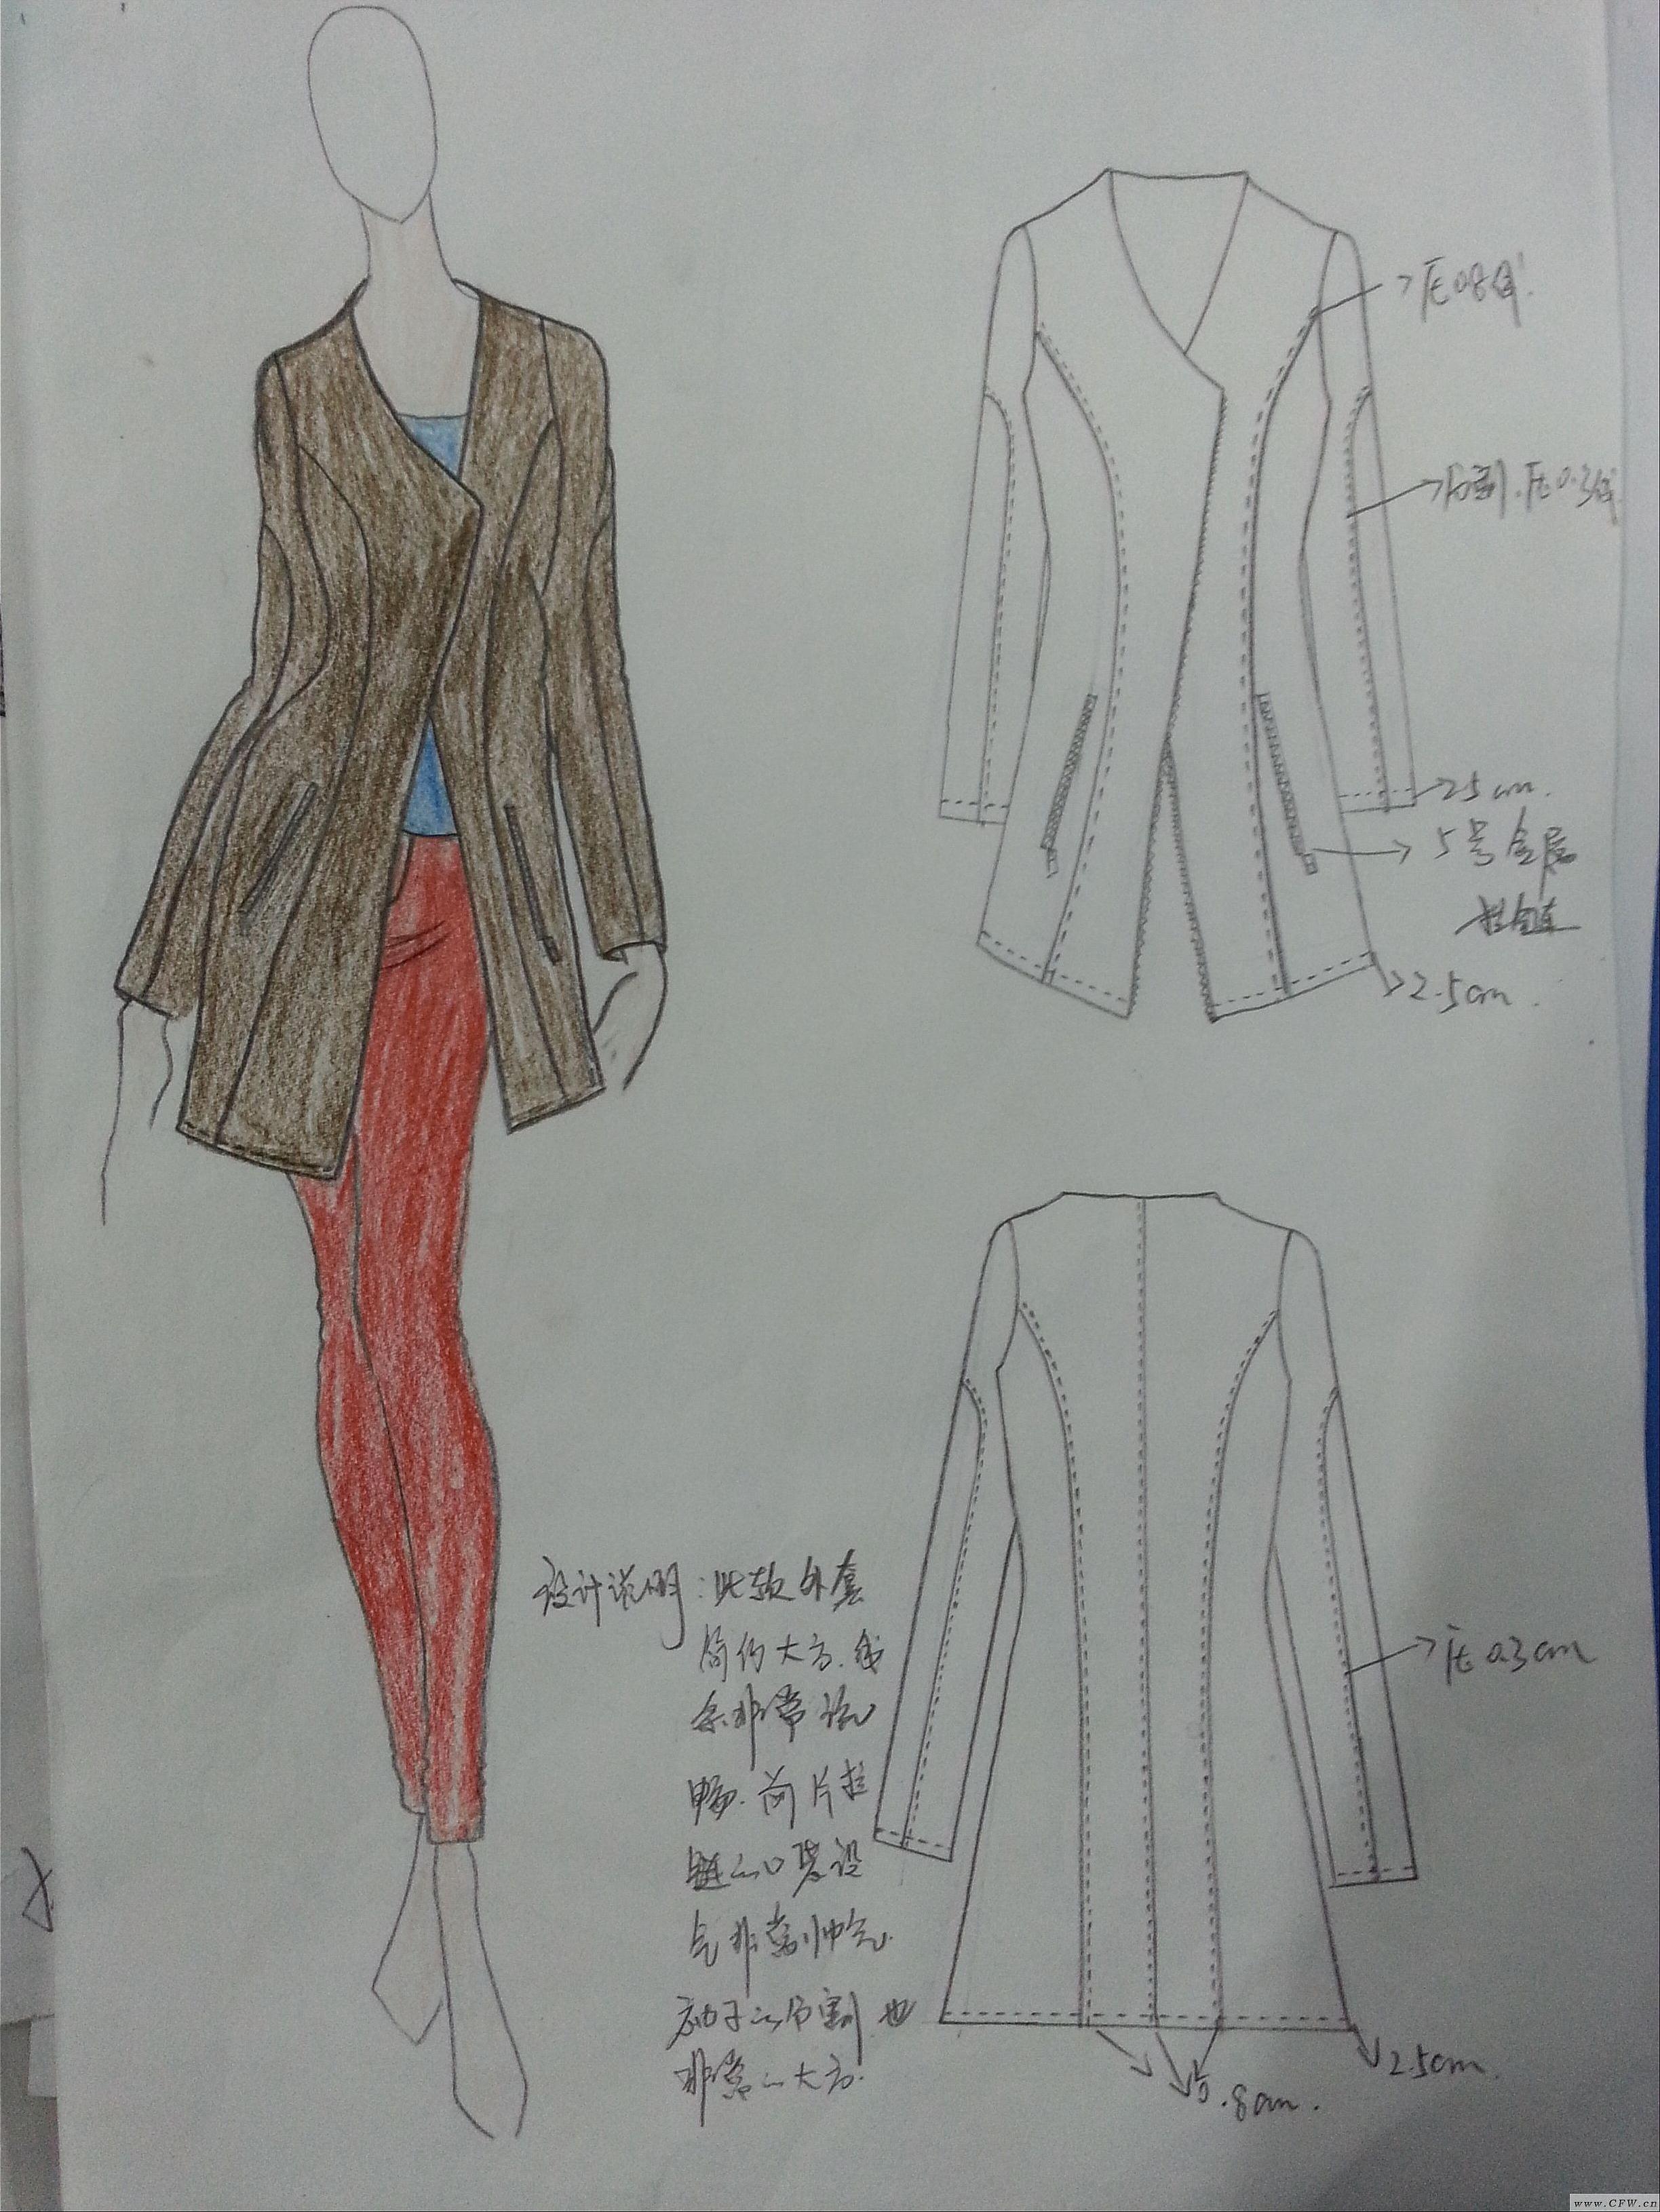 简单手绘线条图像服装